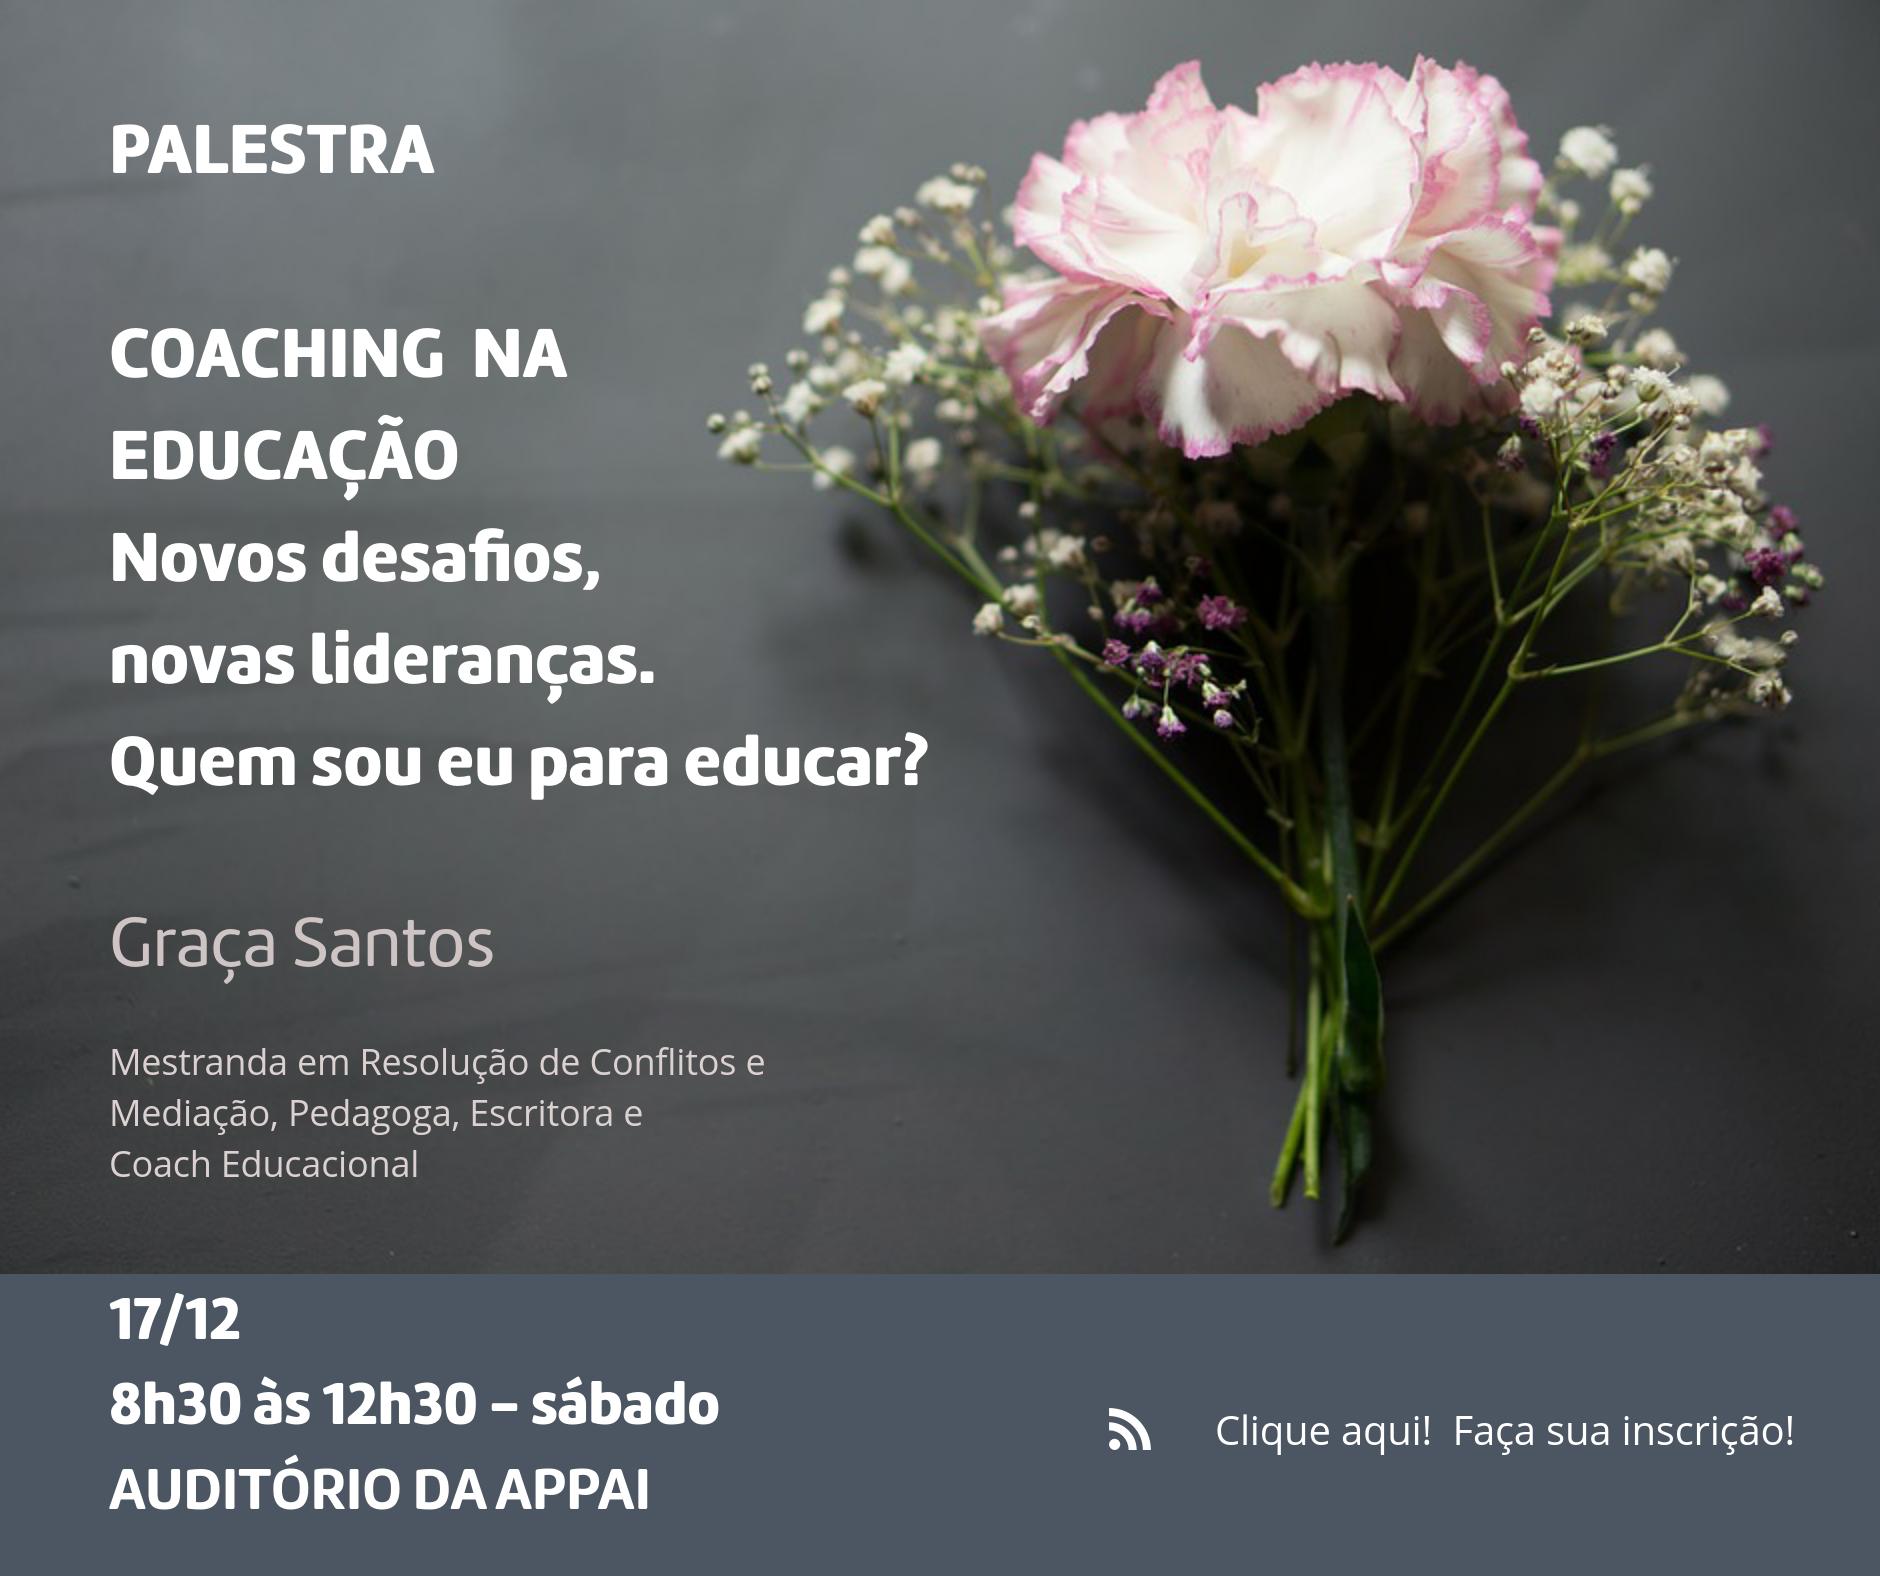 Palestra: Coaching na Educação por meio de poesias